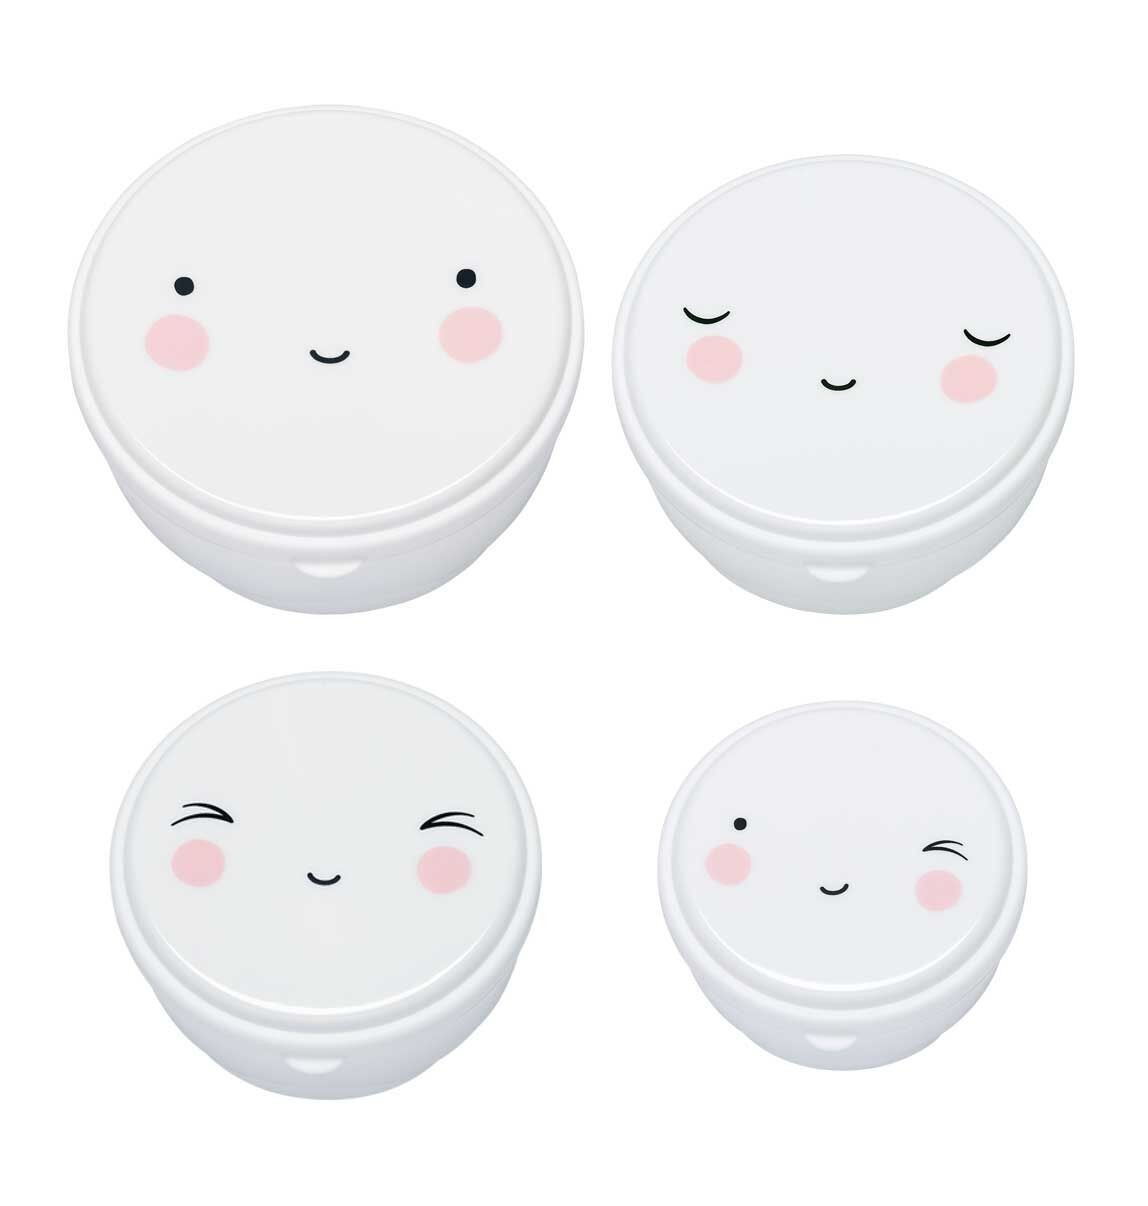 Set de 4 Fiambreras Happy Face